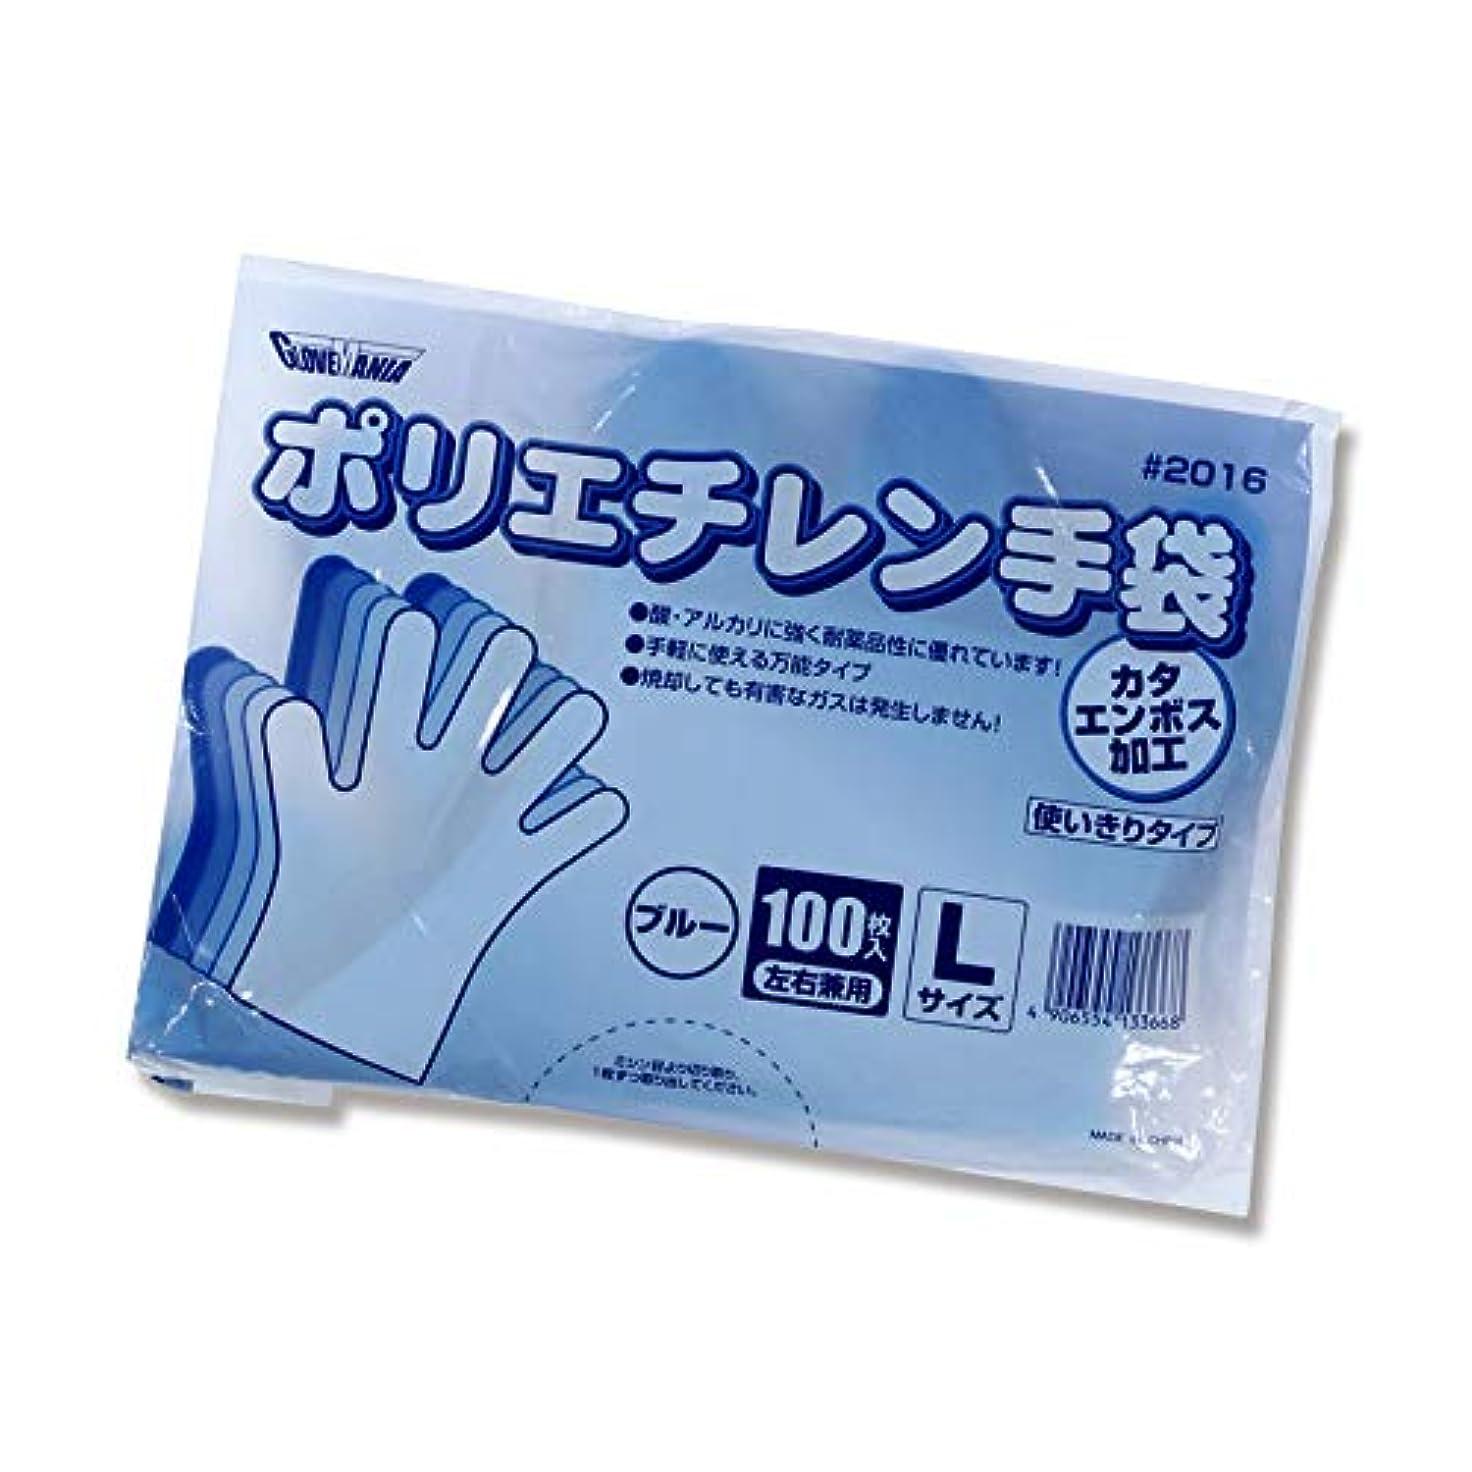 コークス廃棄するヤング【ポリ手袋】2016 ポリエチカタエンボスブルー Lサイズ 100枚